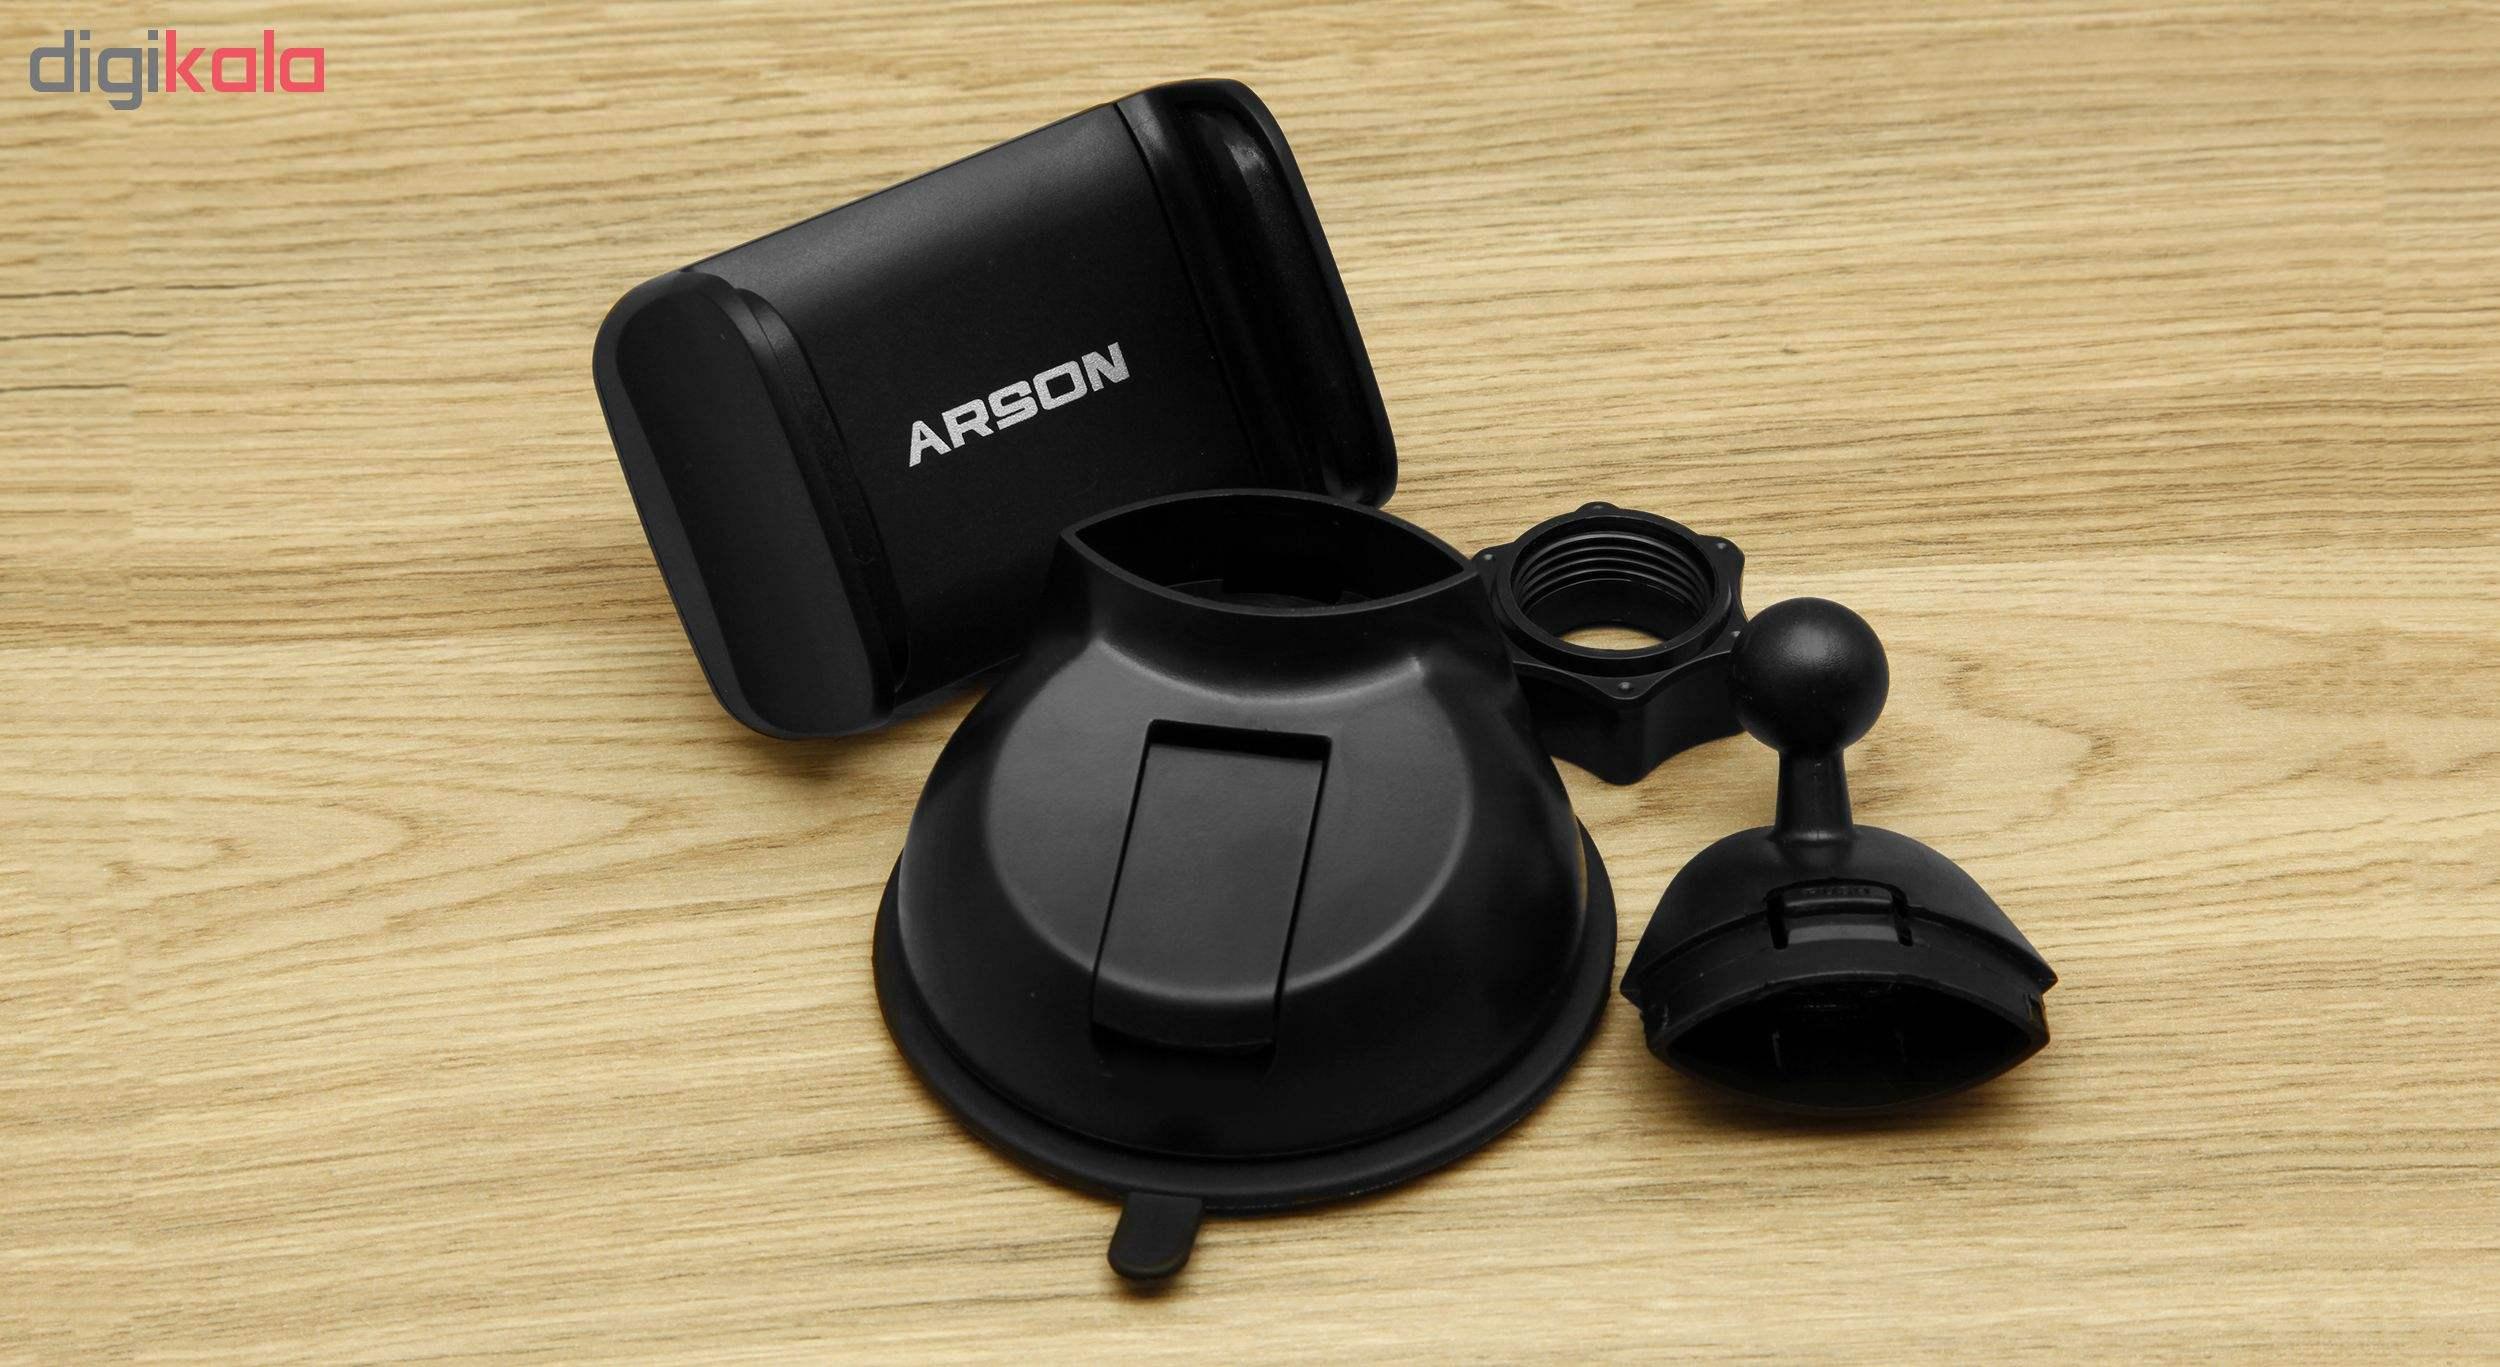 مجموعه لوازم جانبی موبایل آرسون مدل AN2 main 1 8